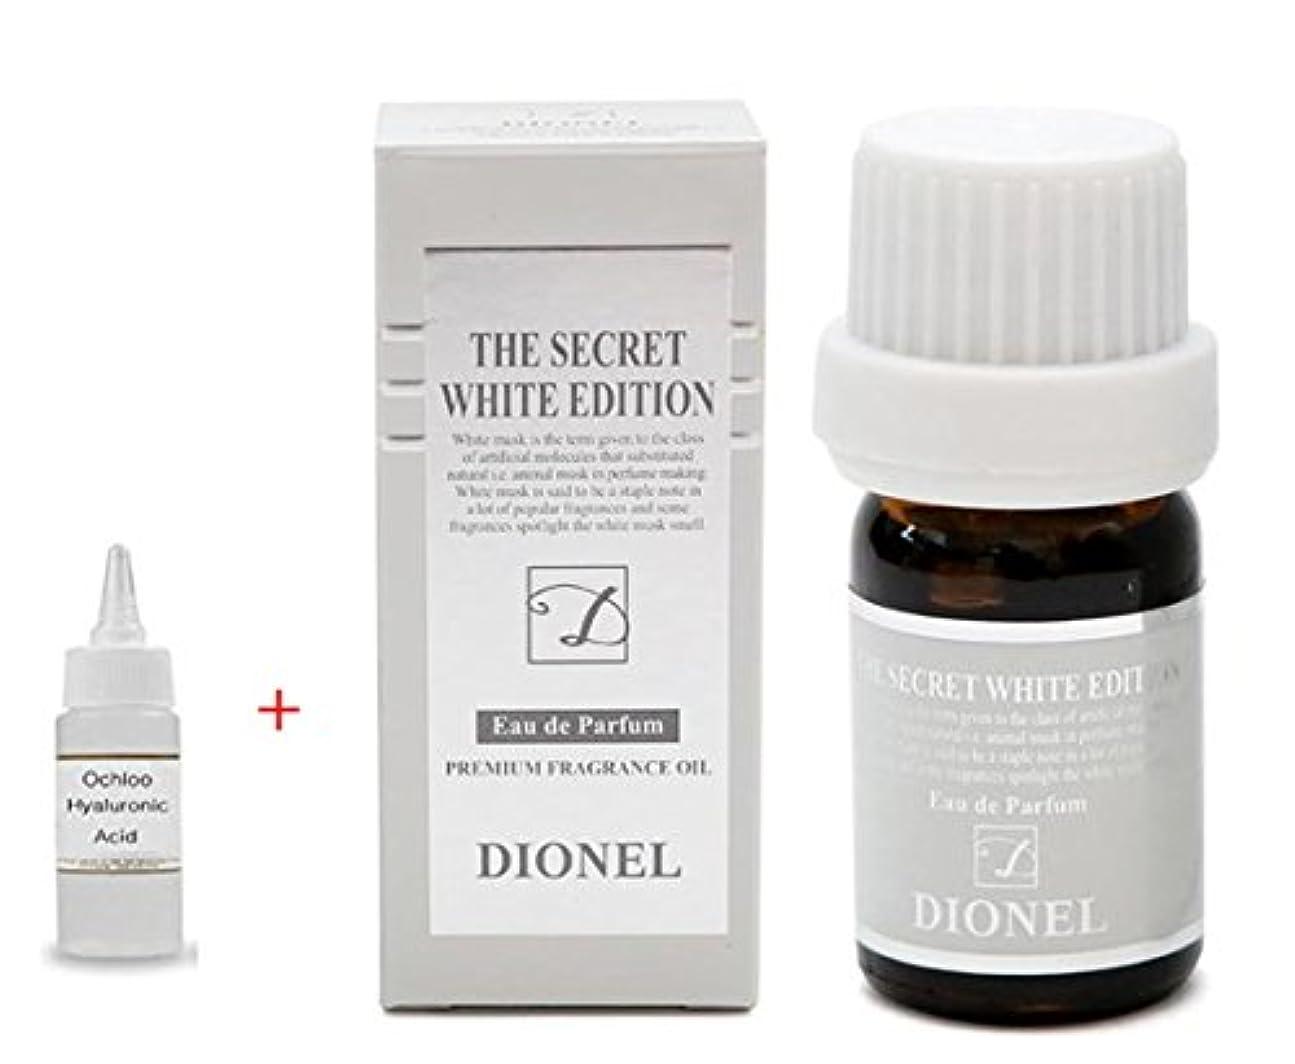 有利チャレンジいつか[Dionel] 香水のような女性清潔剤、プレミアムアロマエッセンス Love Secret White Edition Dionel 5ml. ラブブラックエディション、一滴の奇跡. Made in Korea + +...